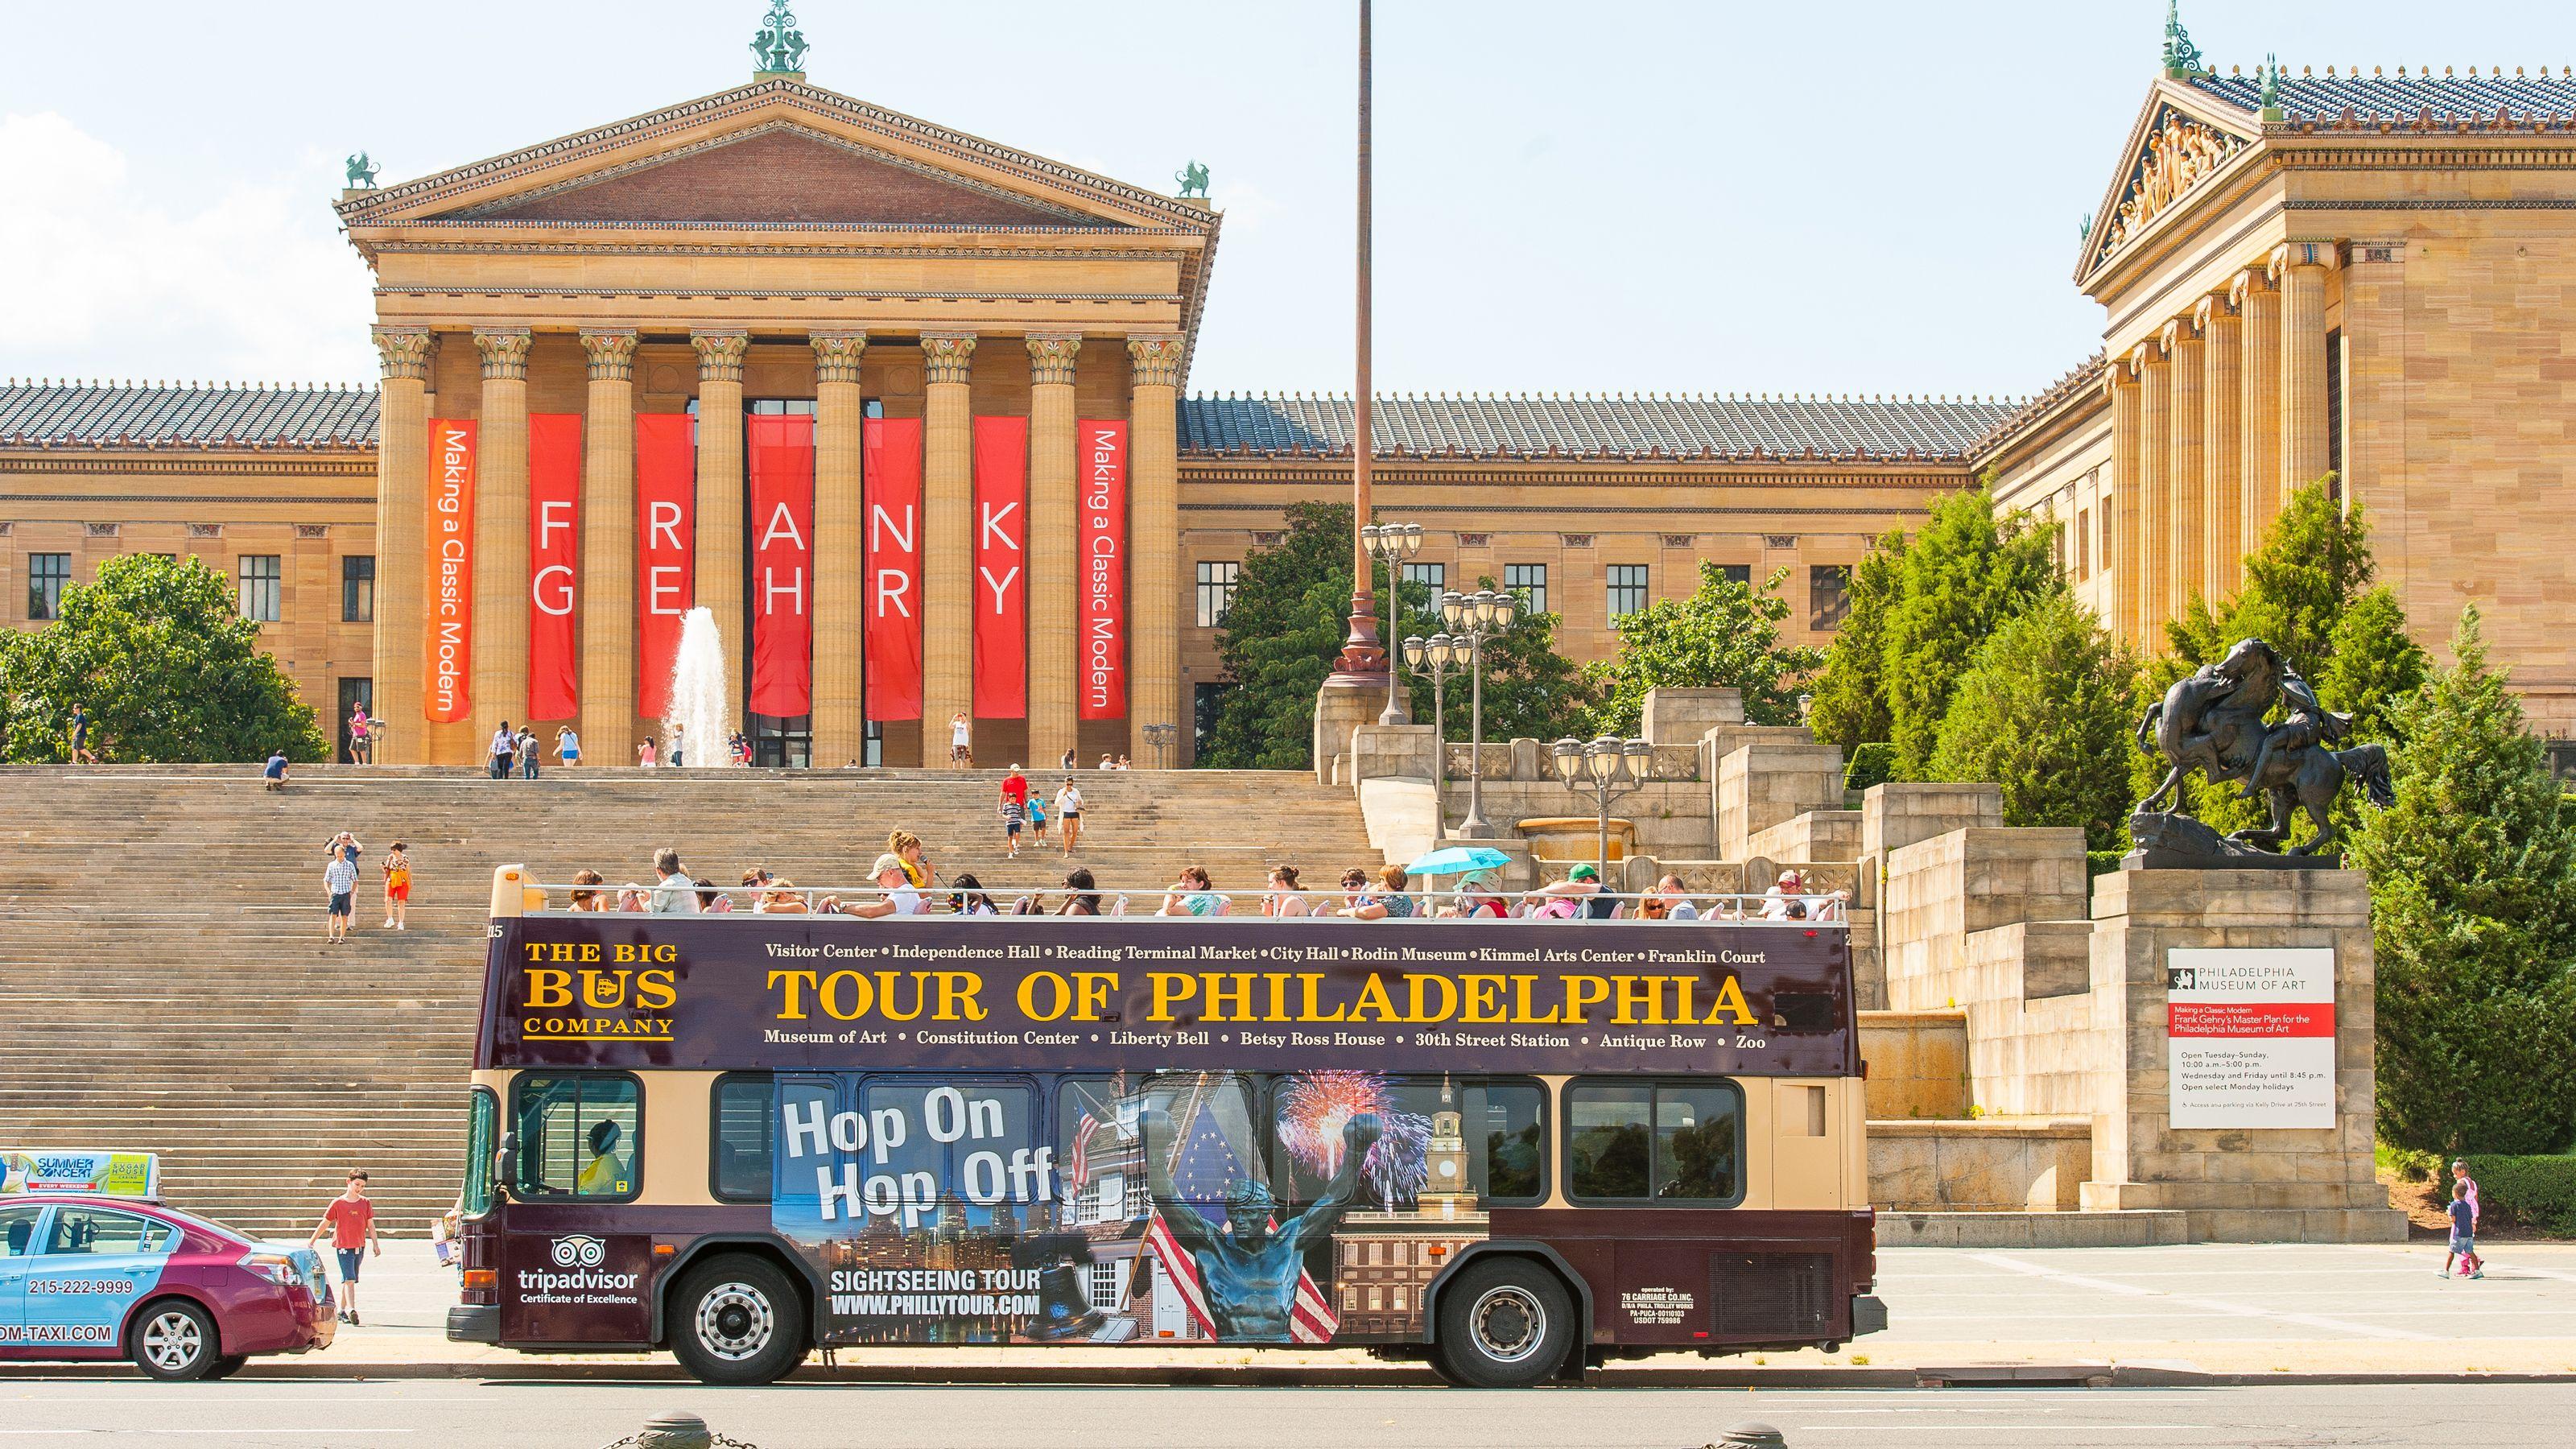 Philadelphia Hop-On Hop-Off Bus Tour